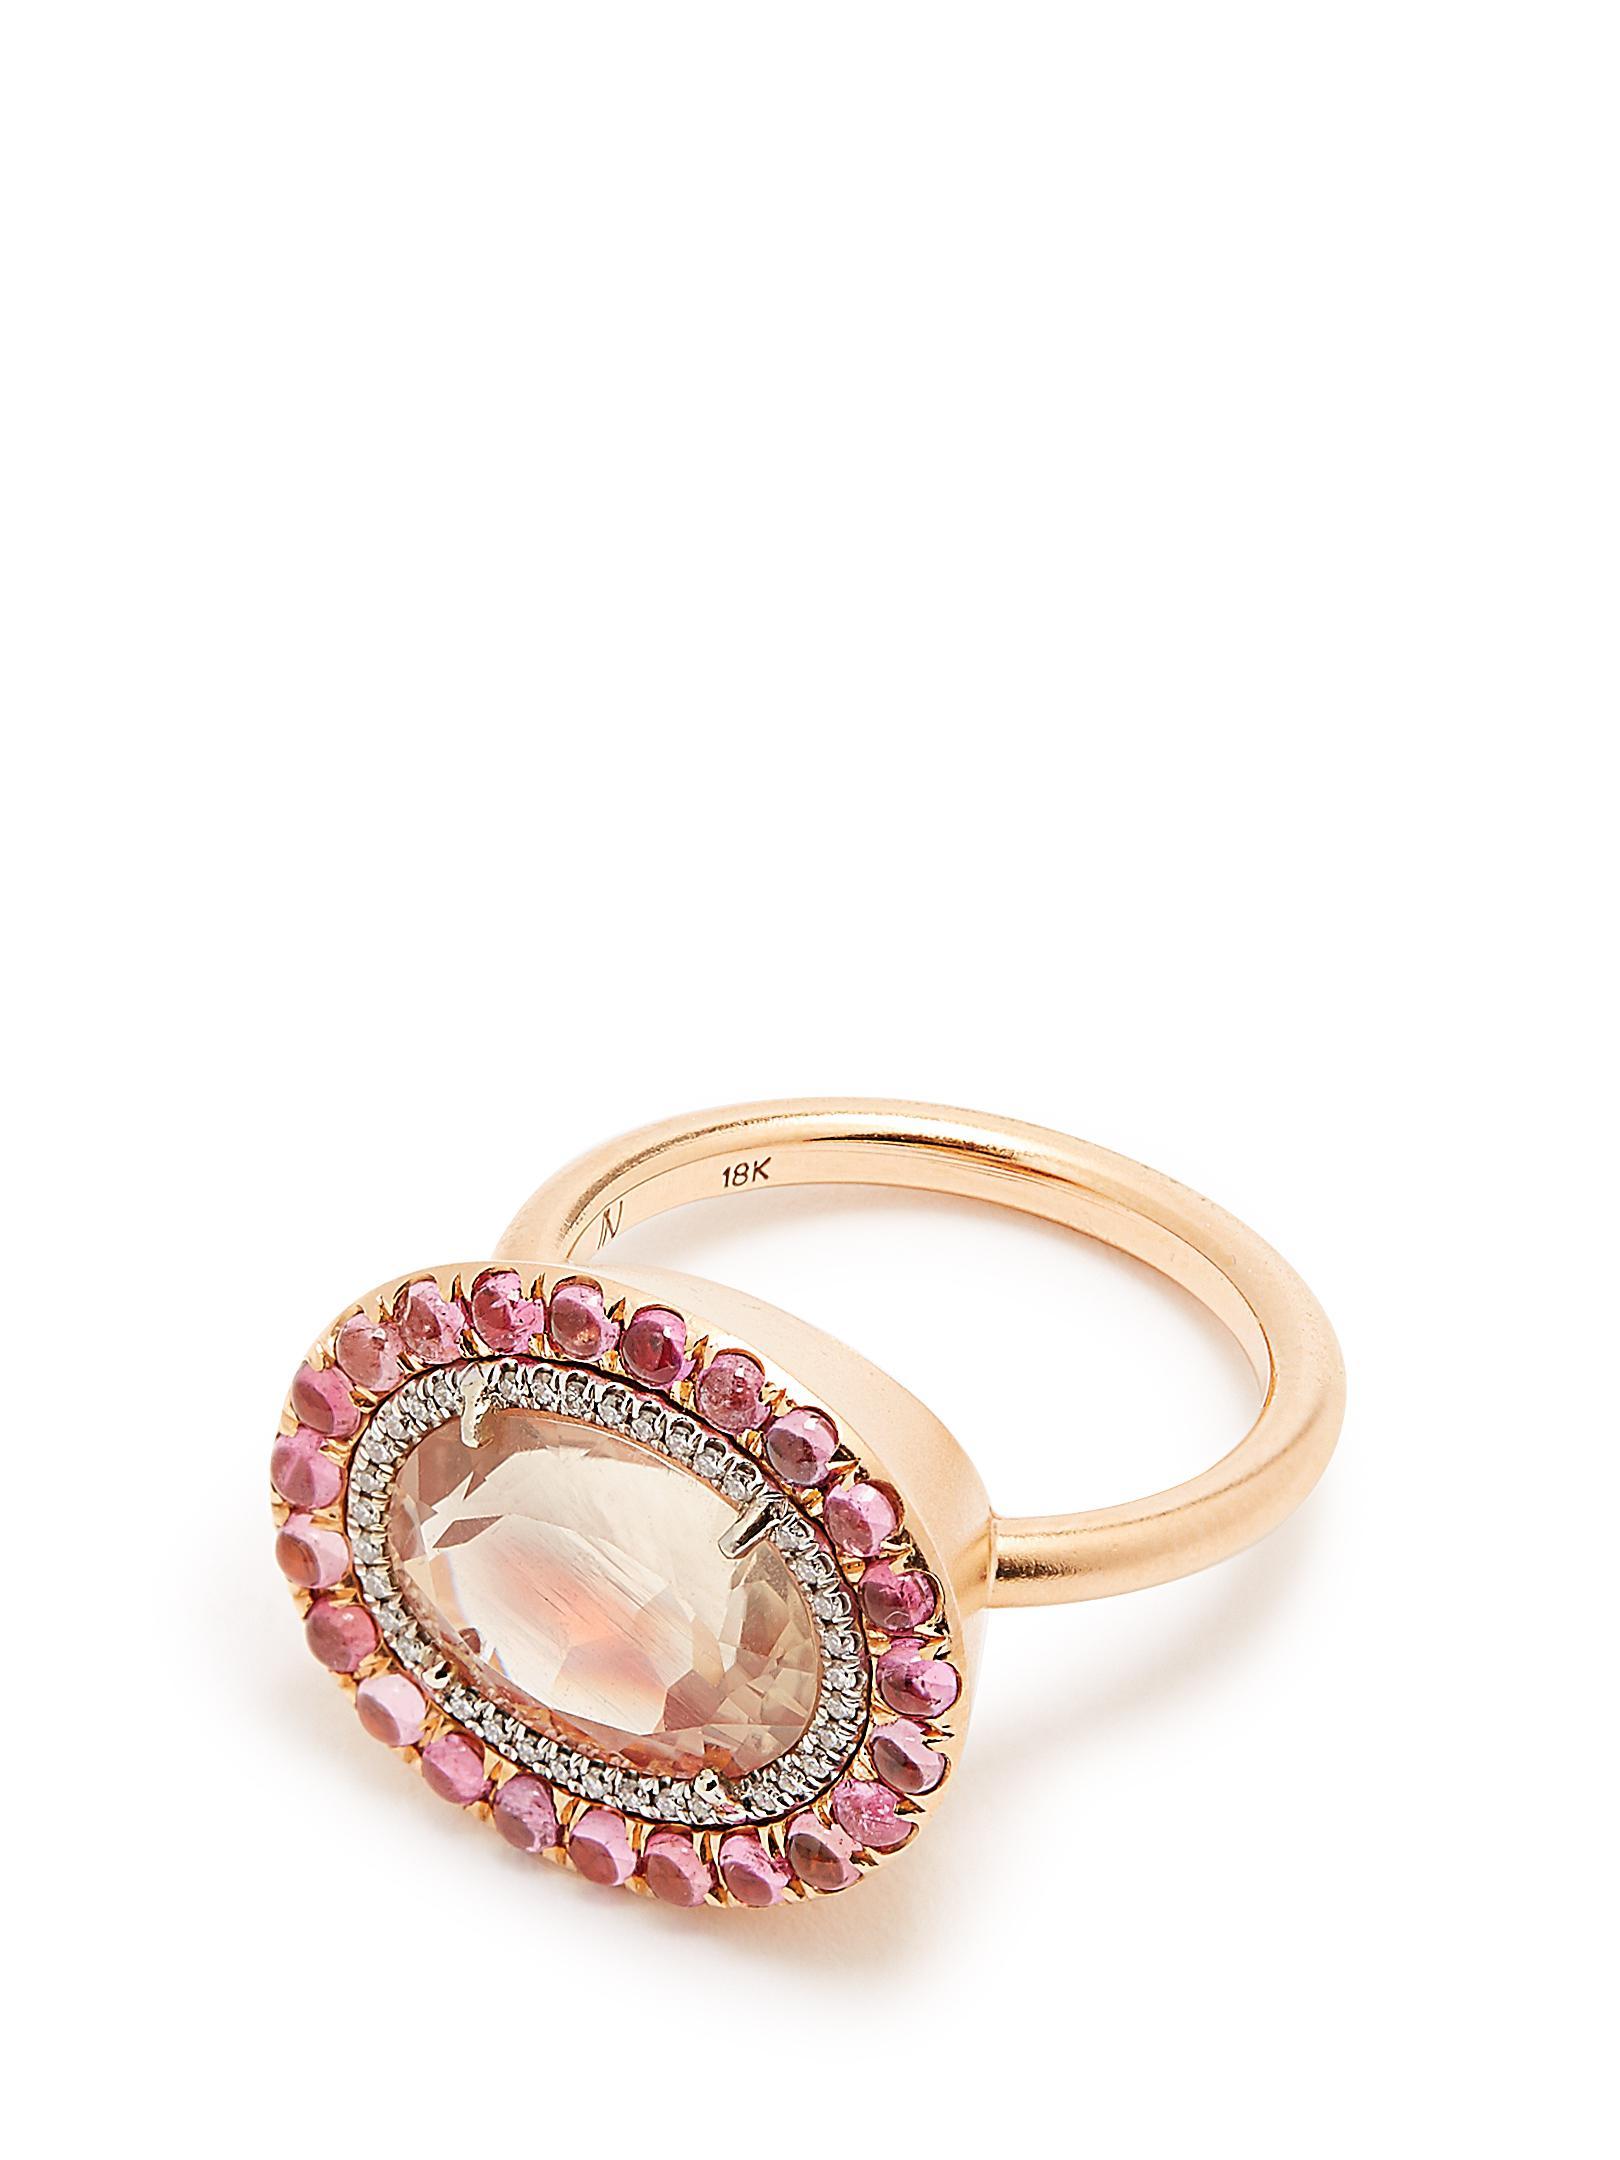 Irene Neuwirth Tourmaline & rose-gold ring lJstkTeSmB